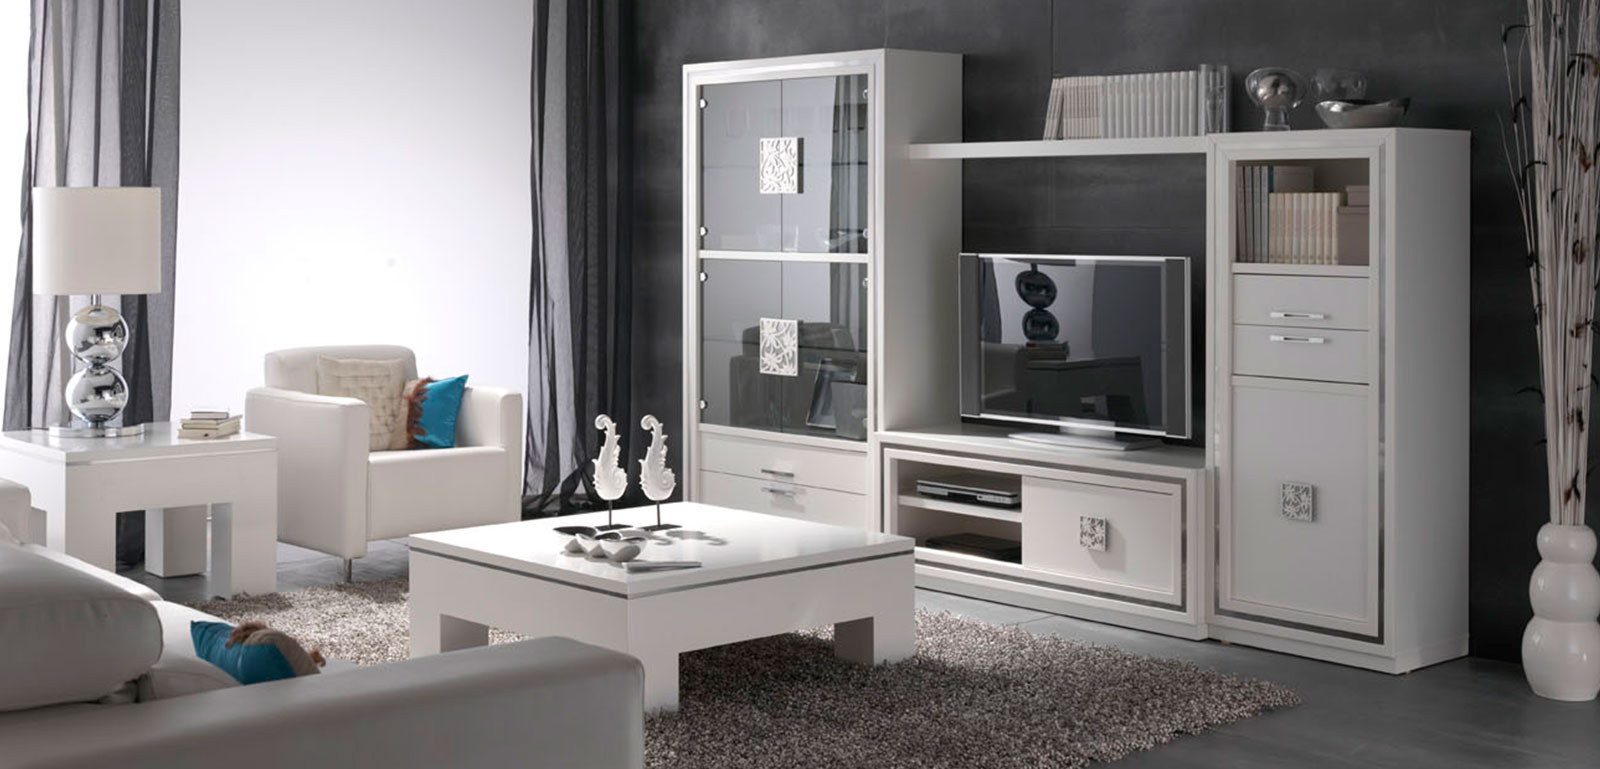 Muebles Lacados Blanco Para Salon.Muebles Monrabal Chirivella Mesa Centro Coleccion Nilo